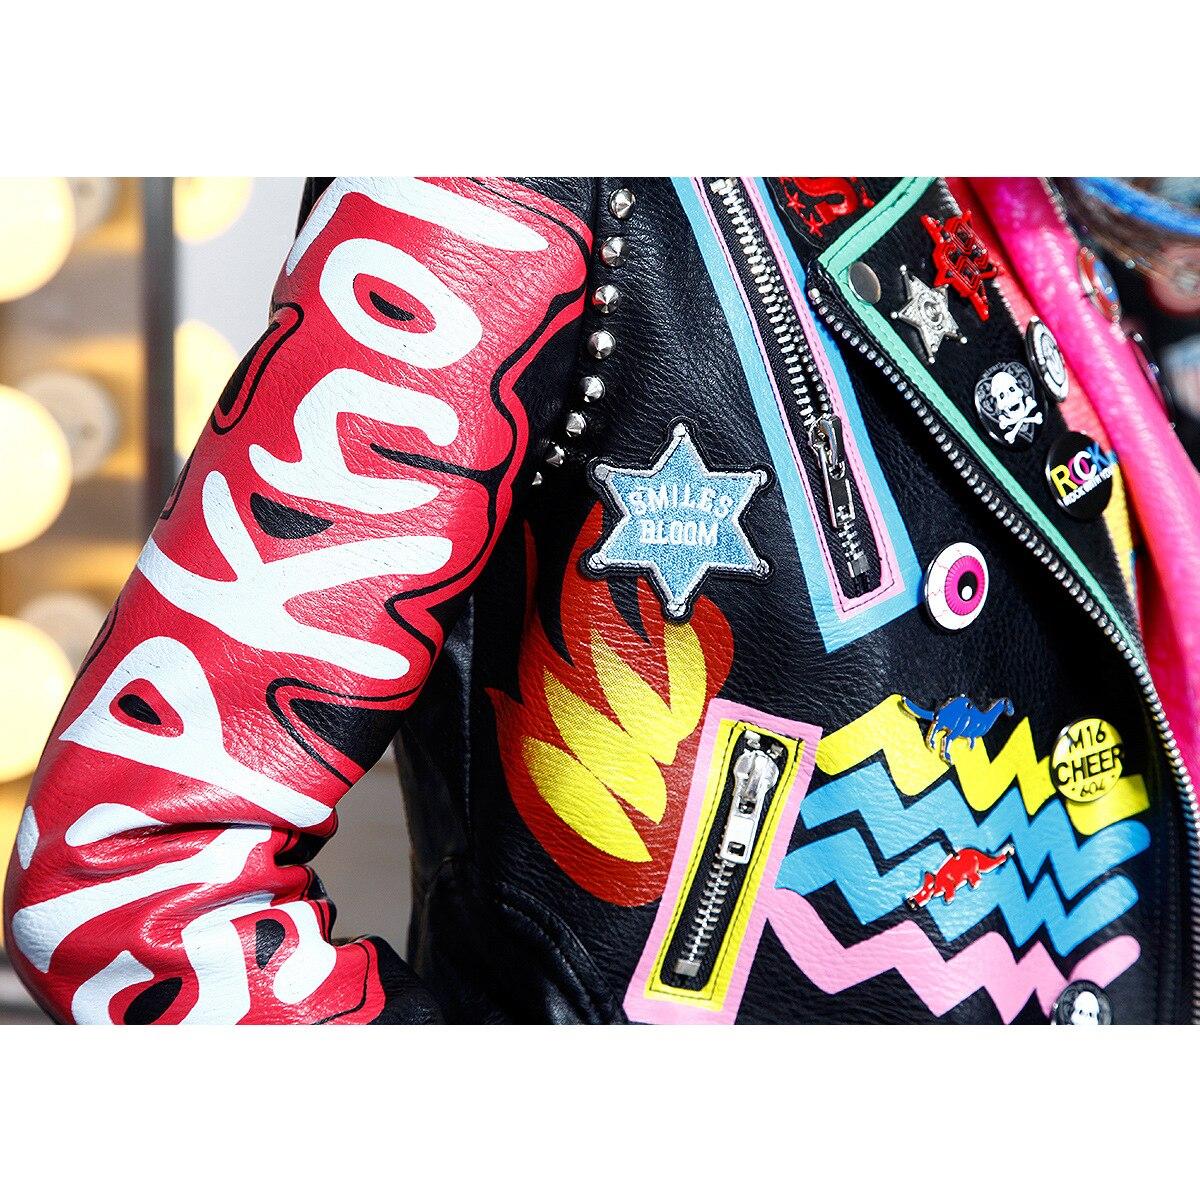 Cuir Femmes Cazadora Lettre Cuero Rivets Multi Graffiti Manteaux By6025 Moto Imprimer Veste Mujer Épaulettes Biker Rue Printemps 2017 En Iwq6fwt